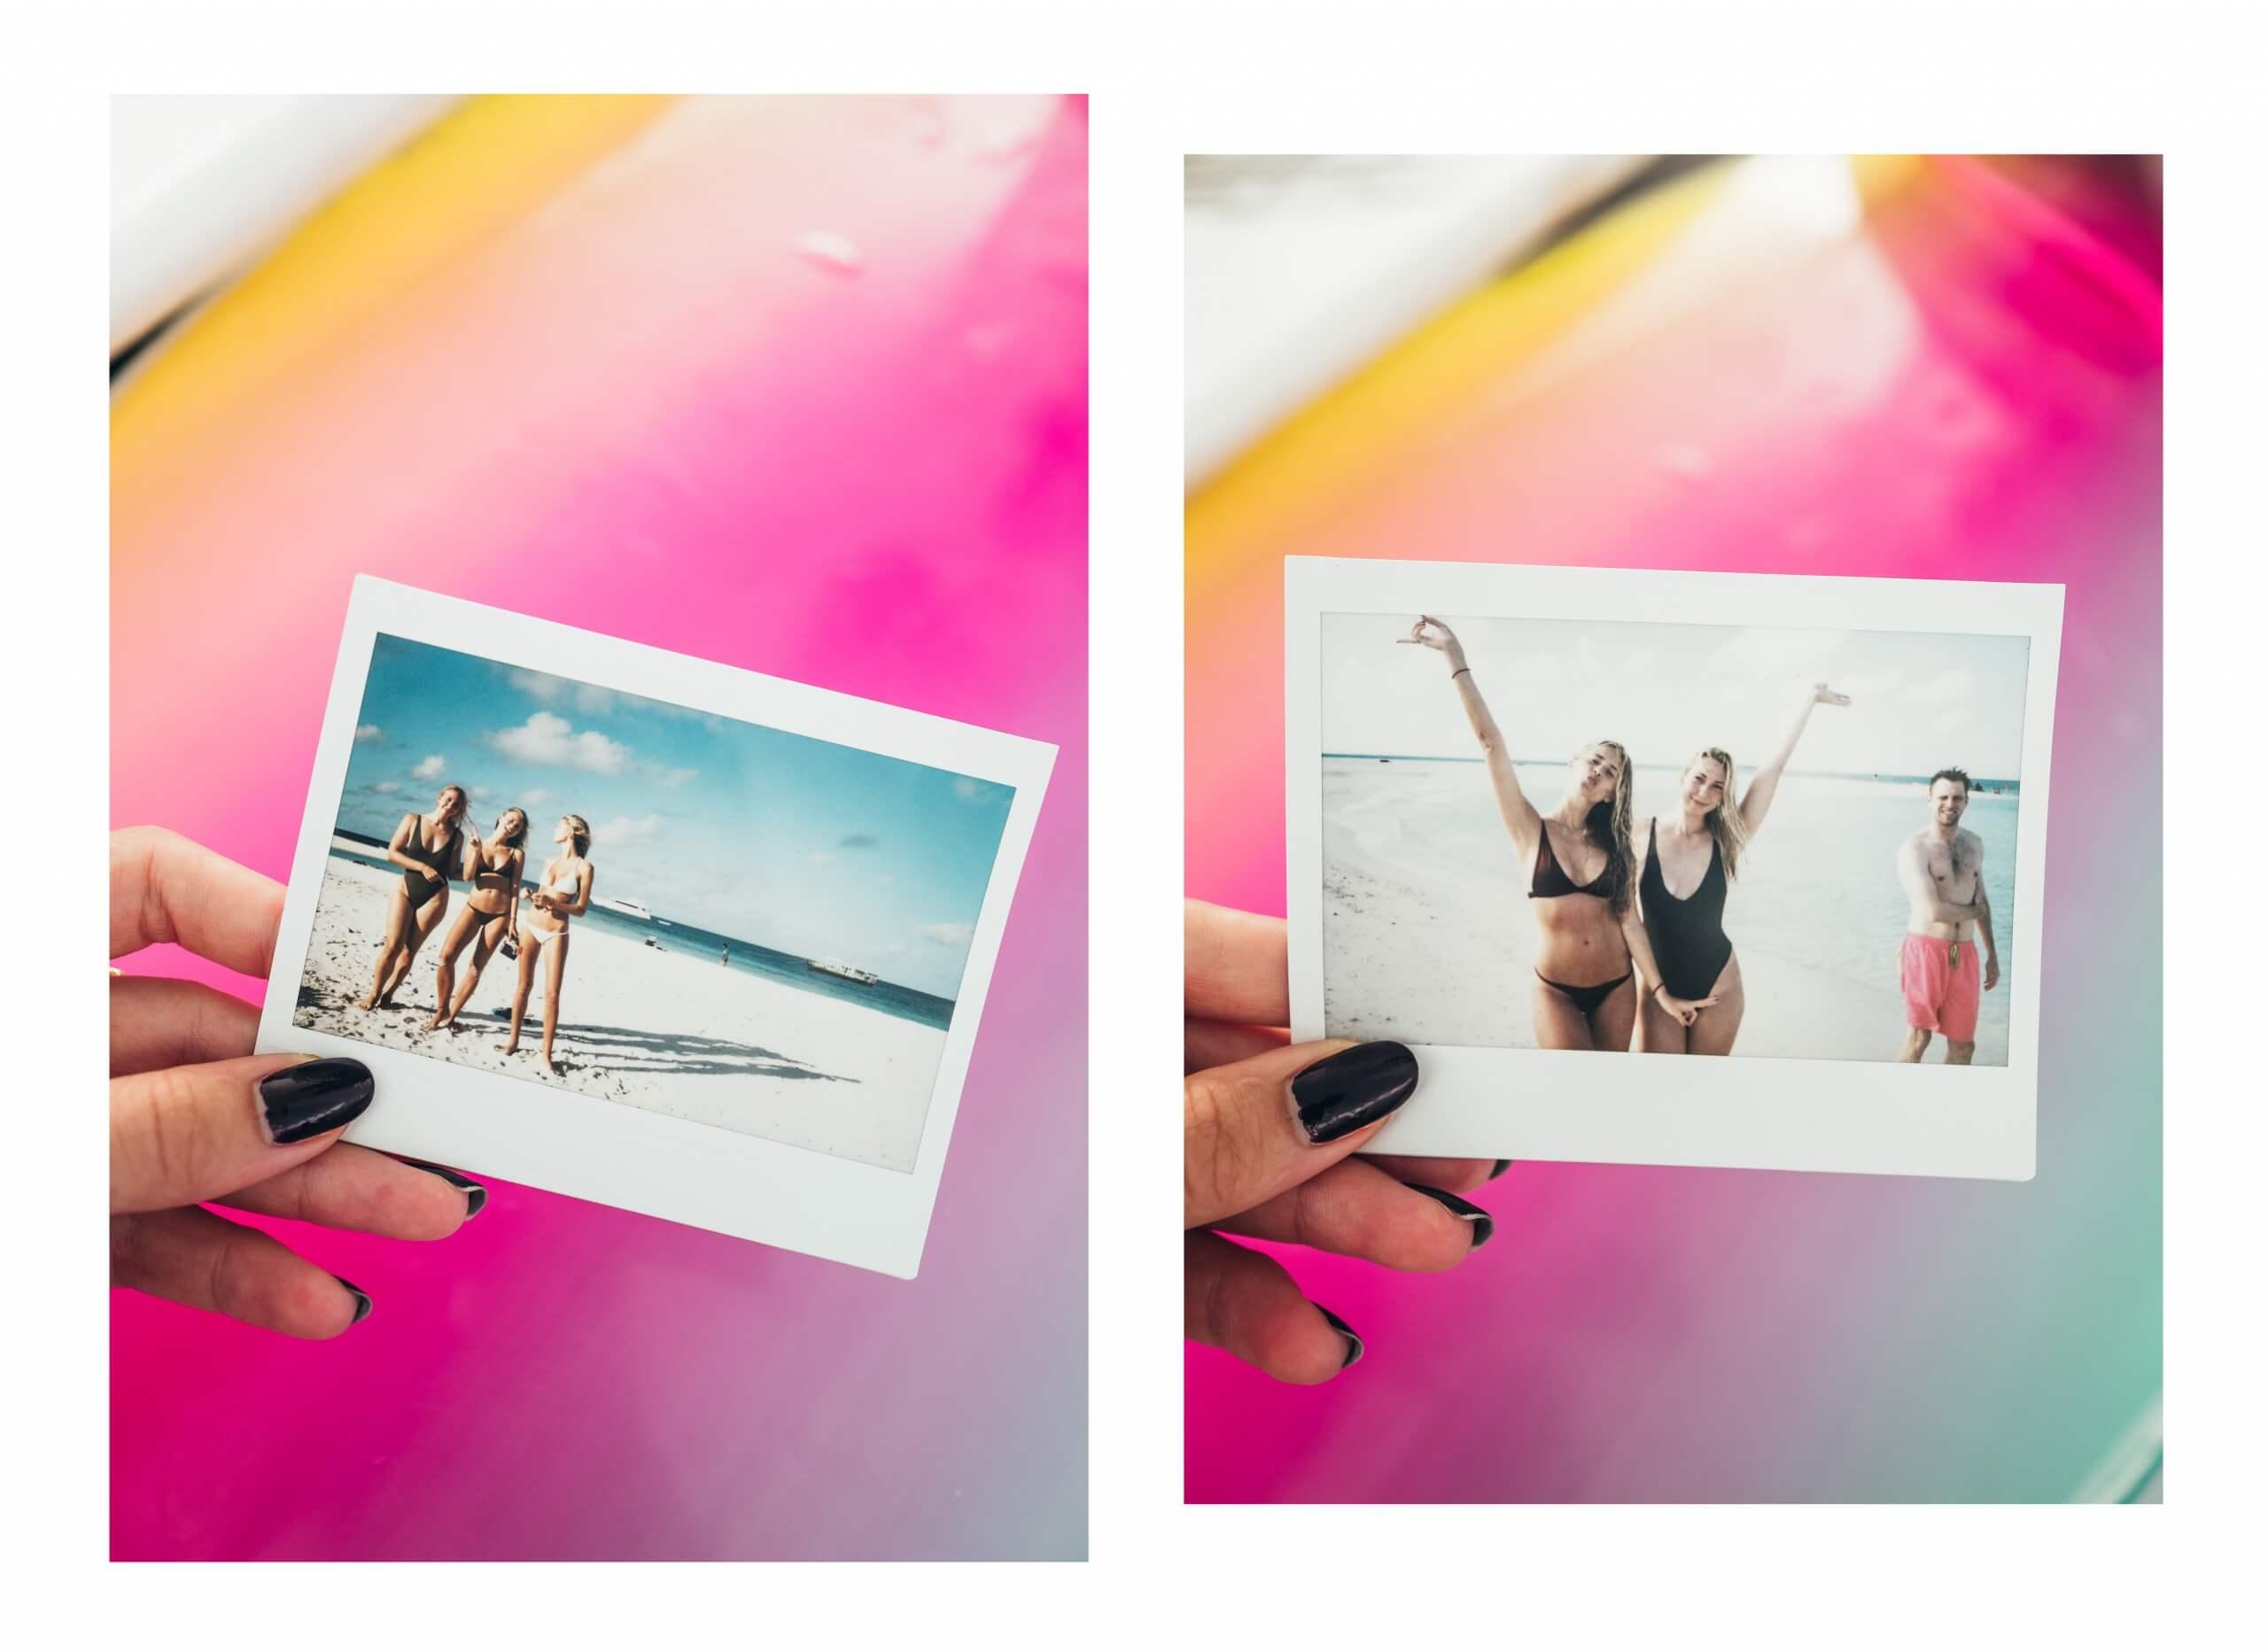 janni-deler-polaroids-maldivesl1150151-copy